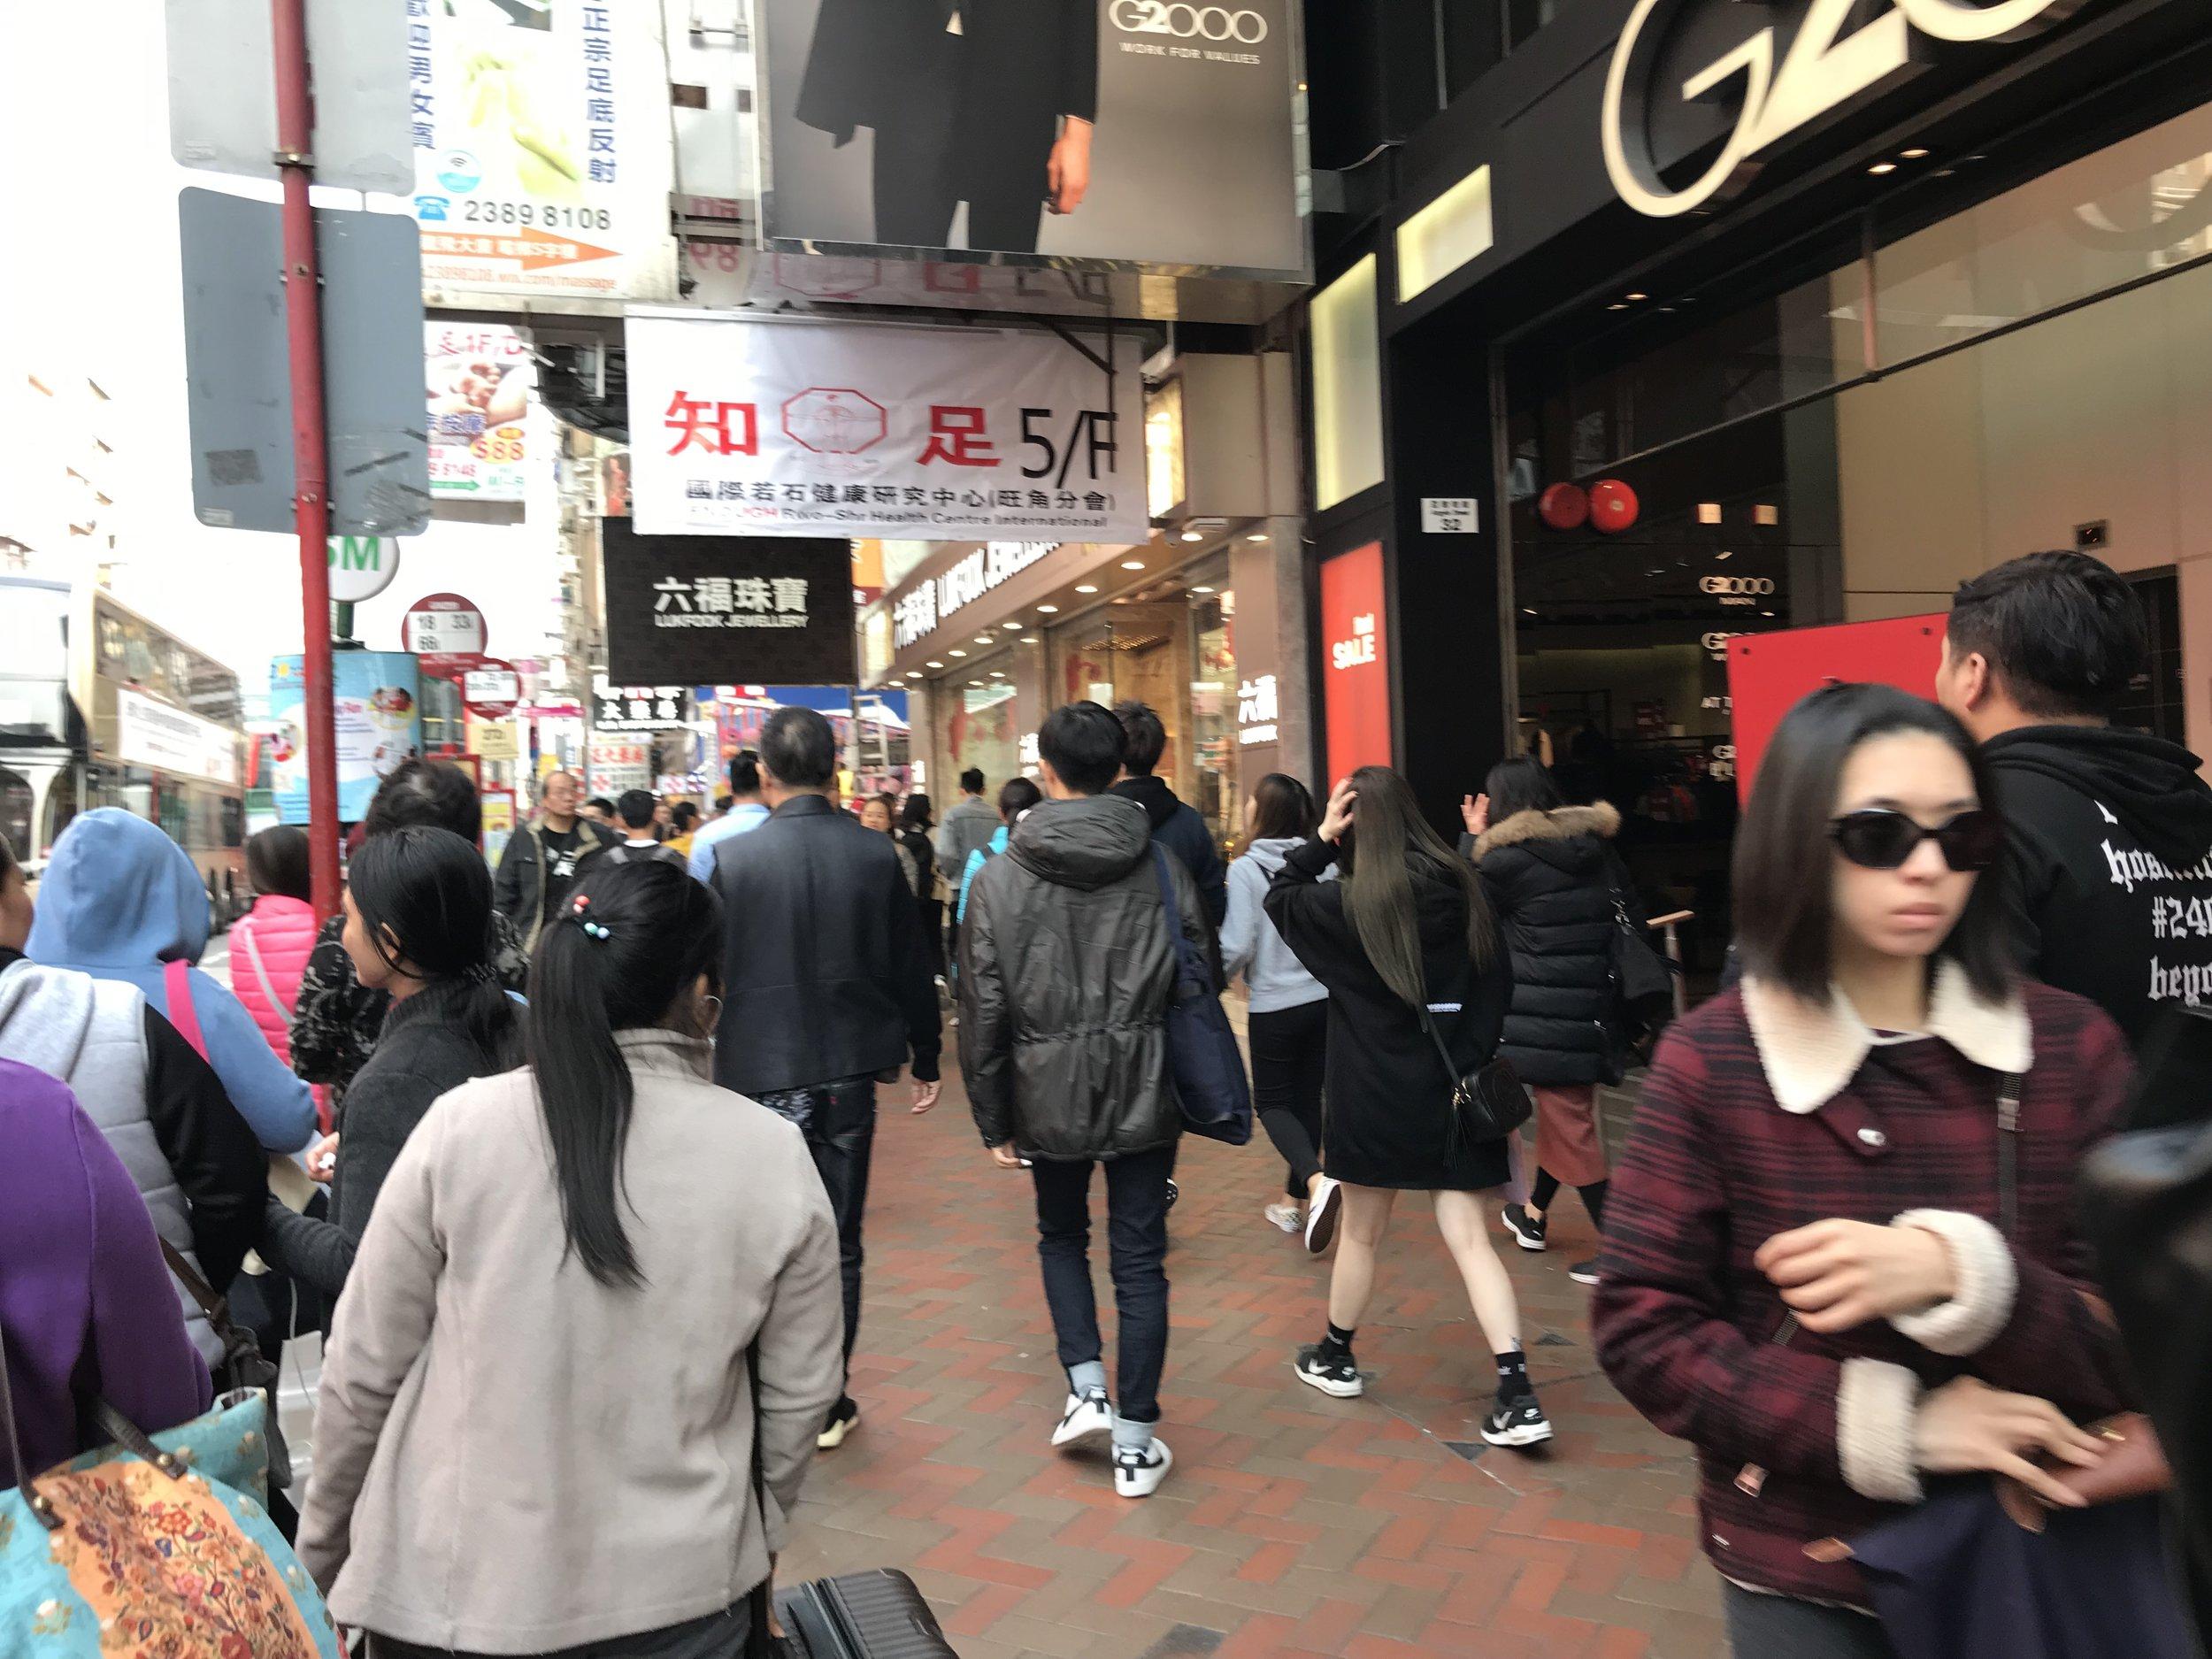 Một khu chợ buôn bán đồ điện tử và các loại thời trang tại Kowloon. Phố lúc nào cũng đông đúc dù là ngày thường.